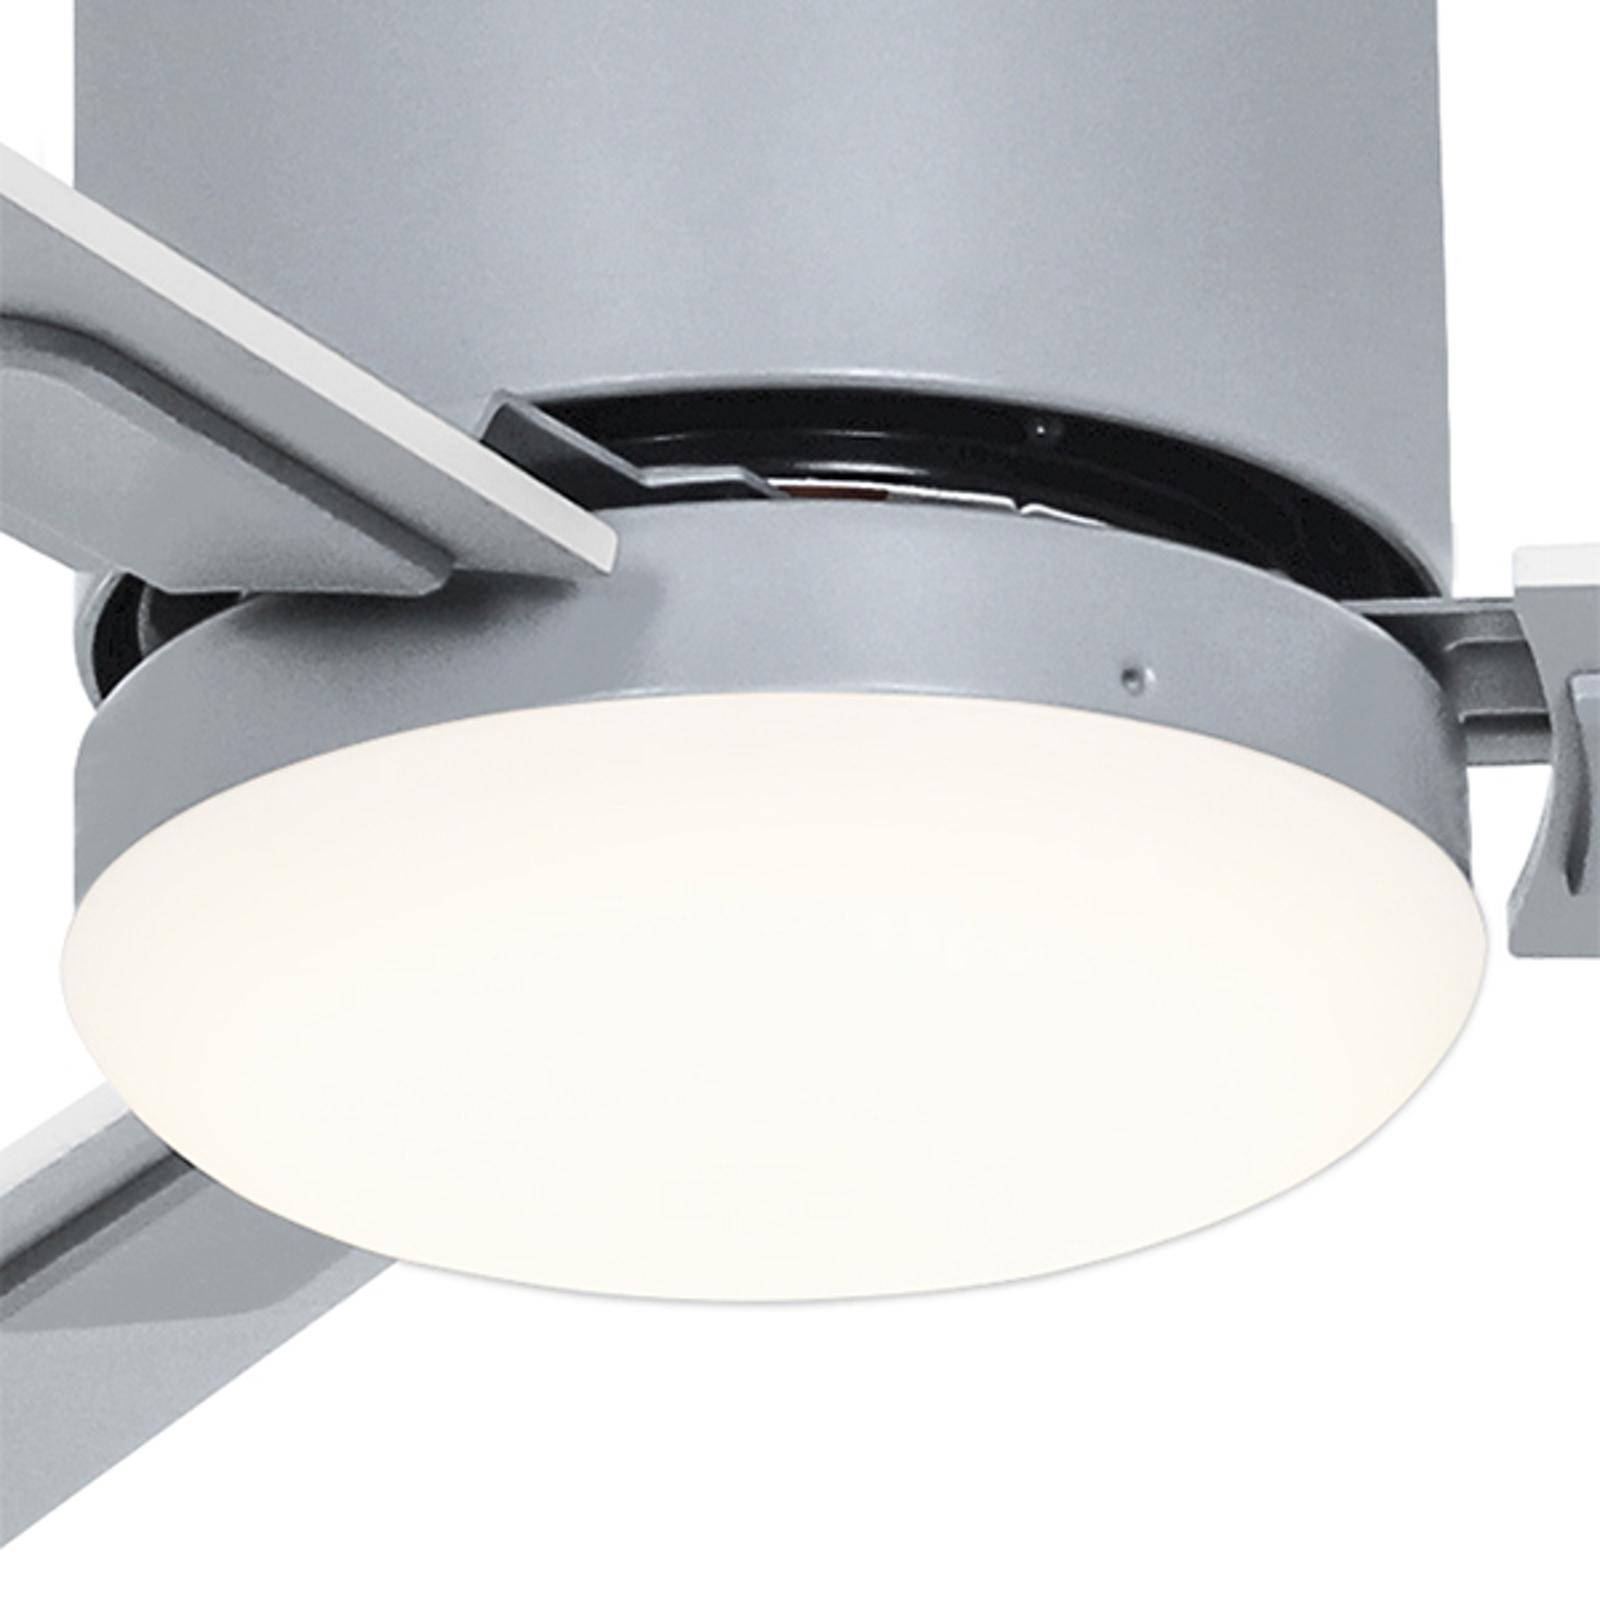 LED-Anbauleuchte für Eco Concept, lichtgrau